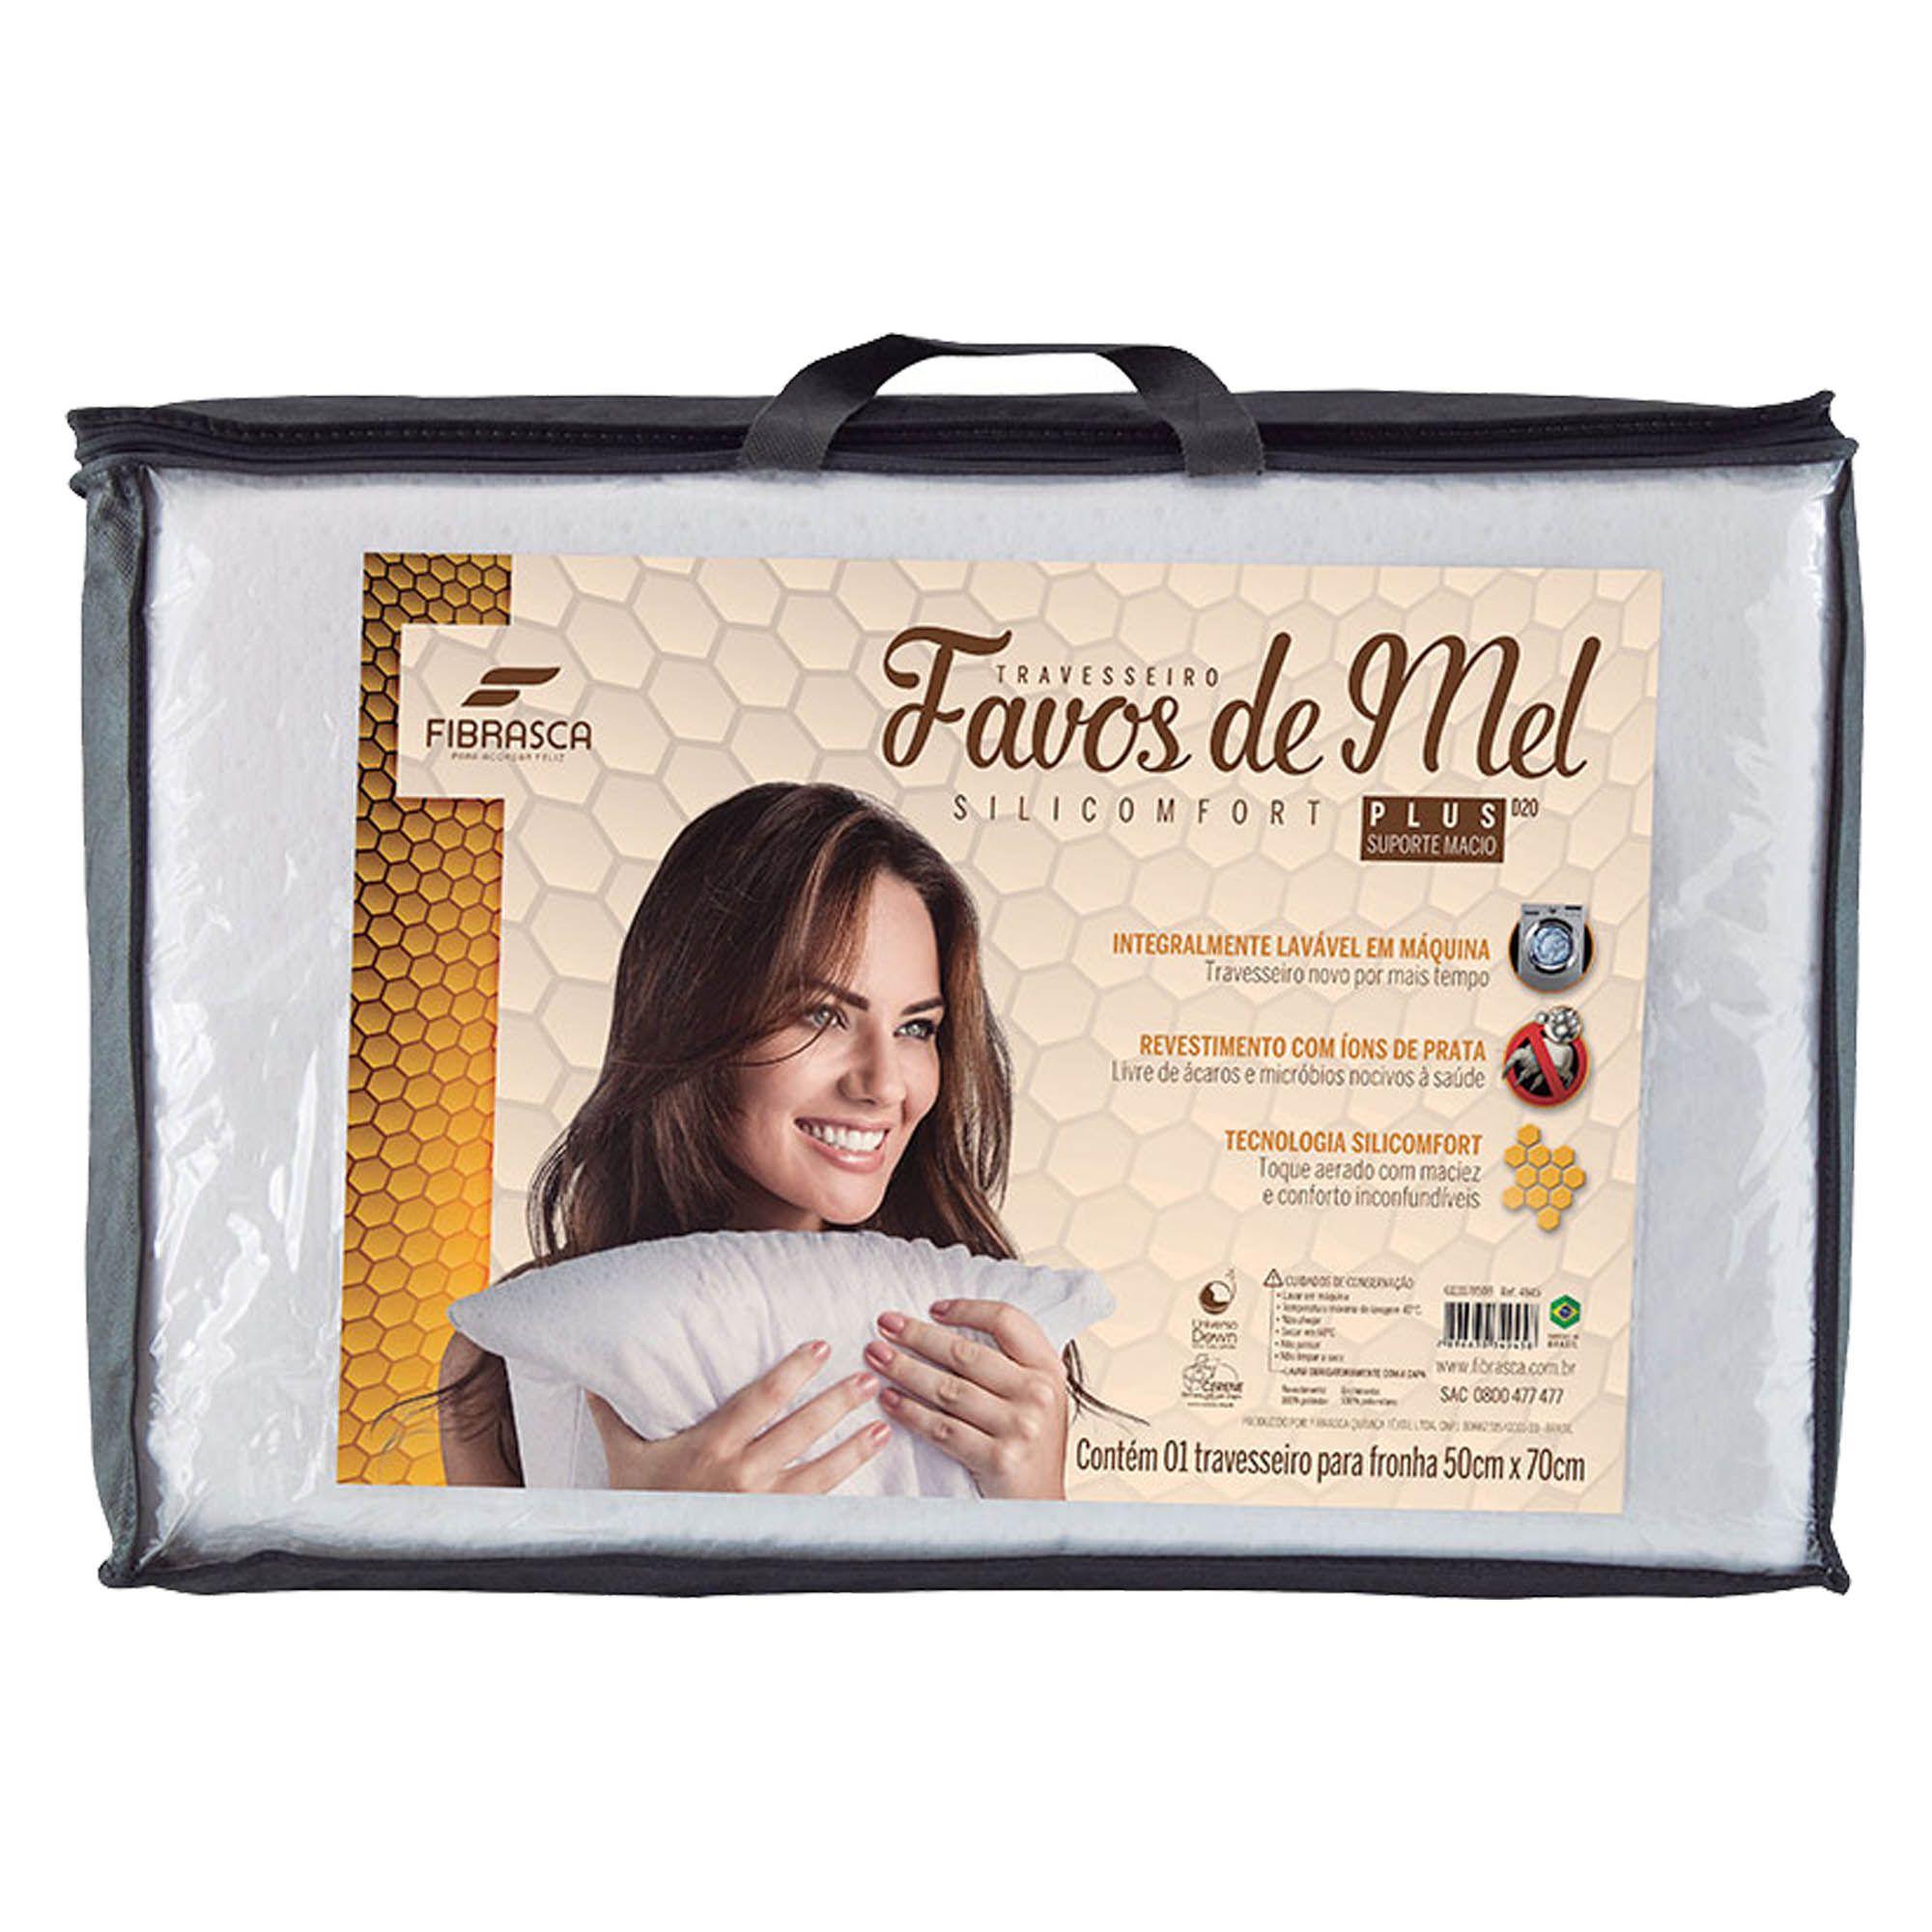 Travesseiro Favos de Mel Plus 050 x 070 cm